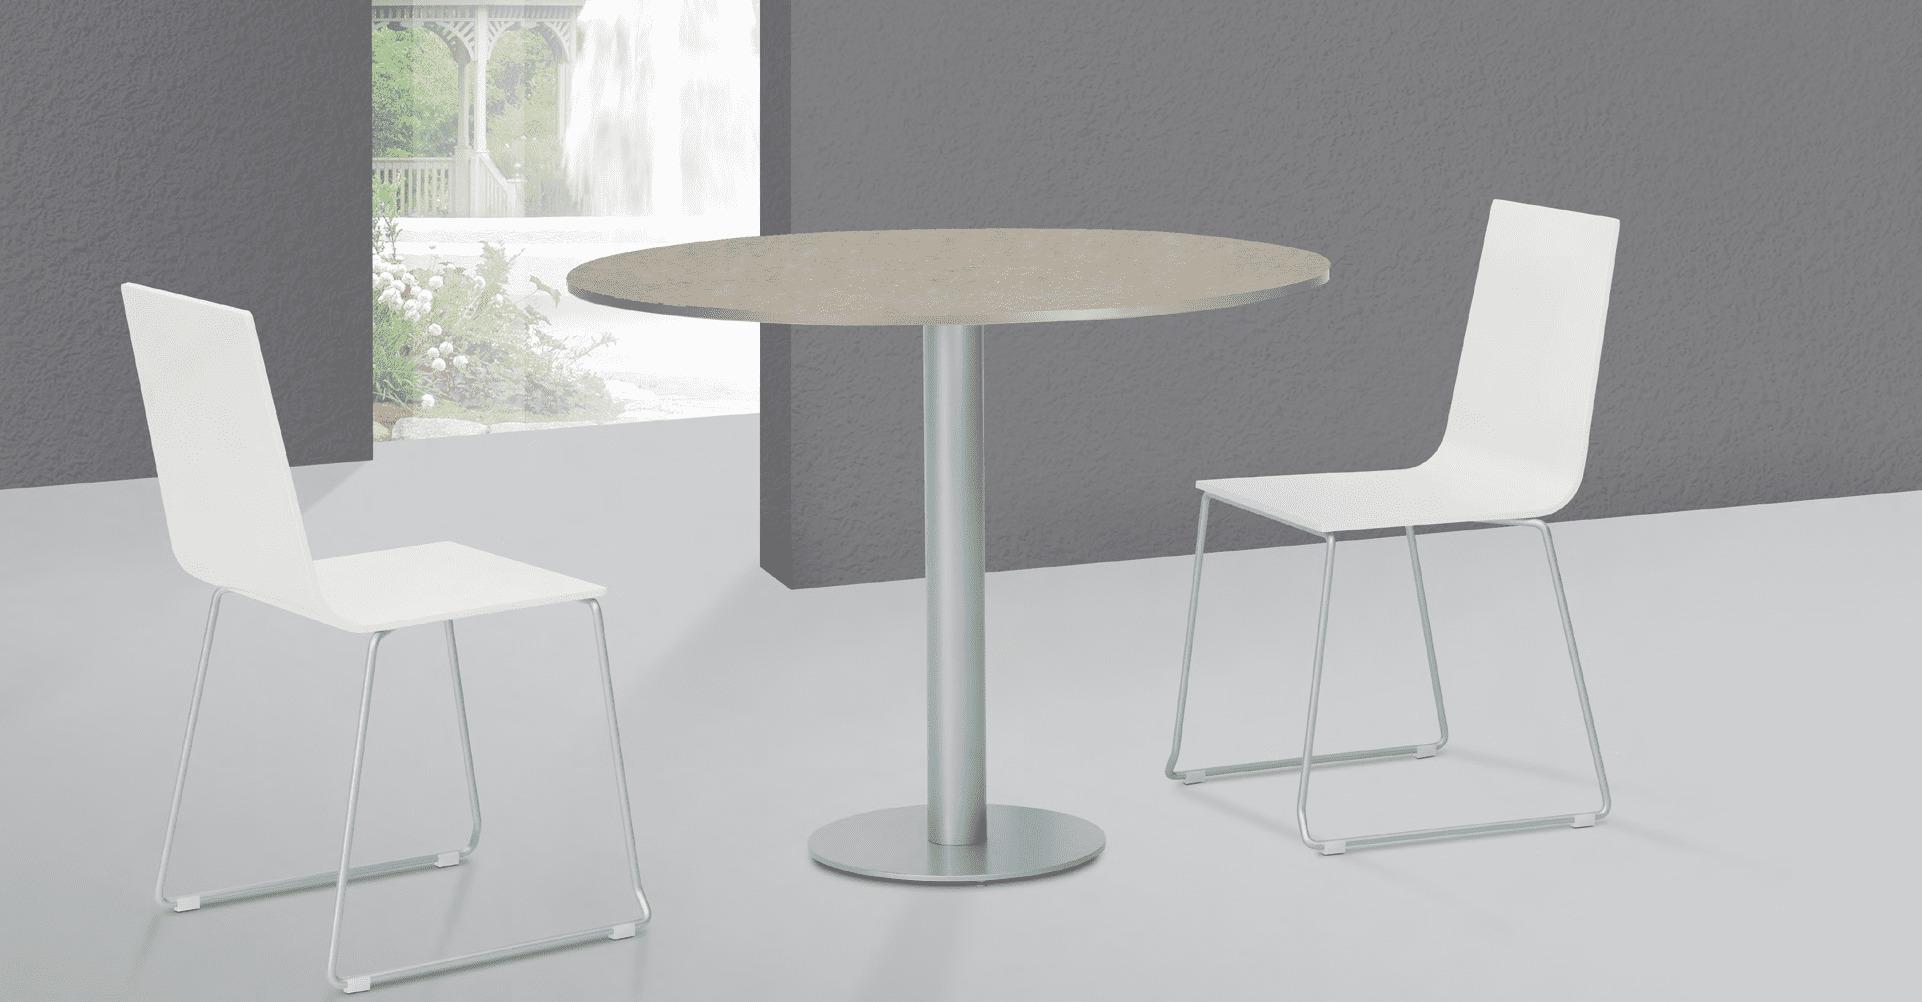 mesas-y-sillas-de-cocina-Low-2018-muebles-paco-caballero-209-5c9524672470b